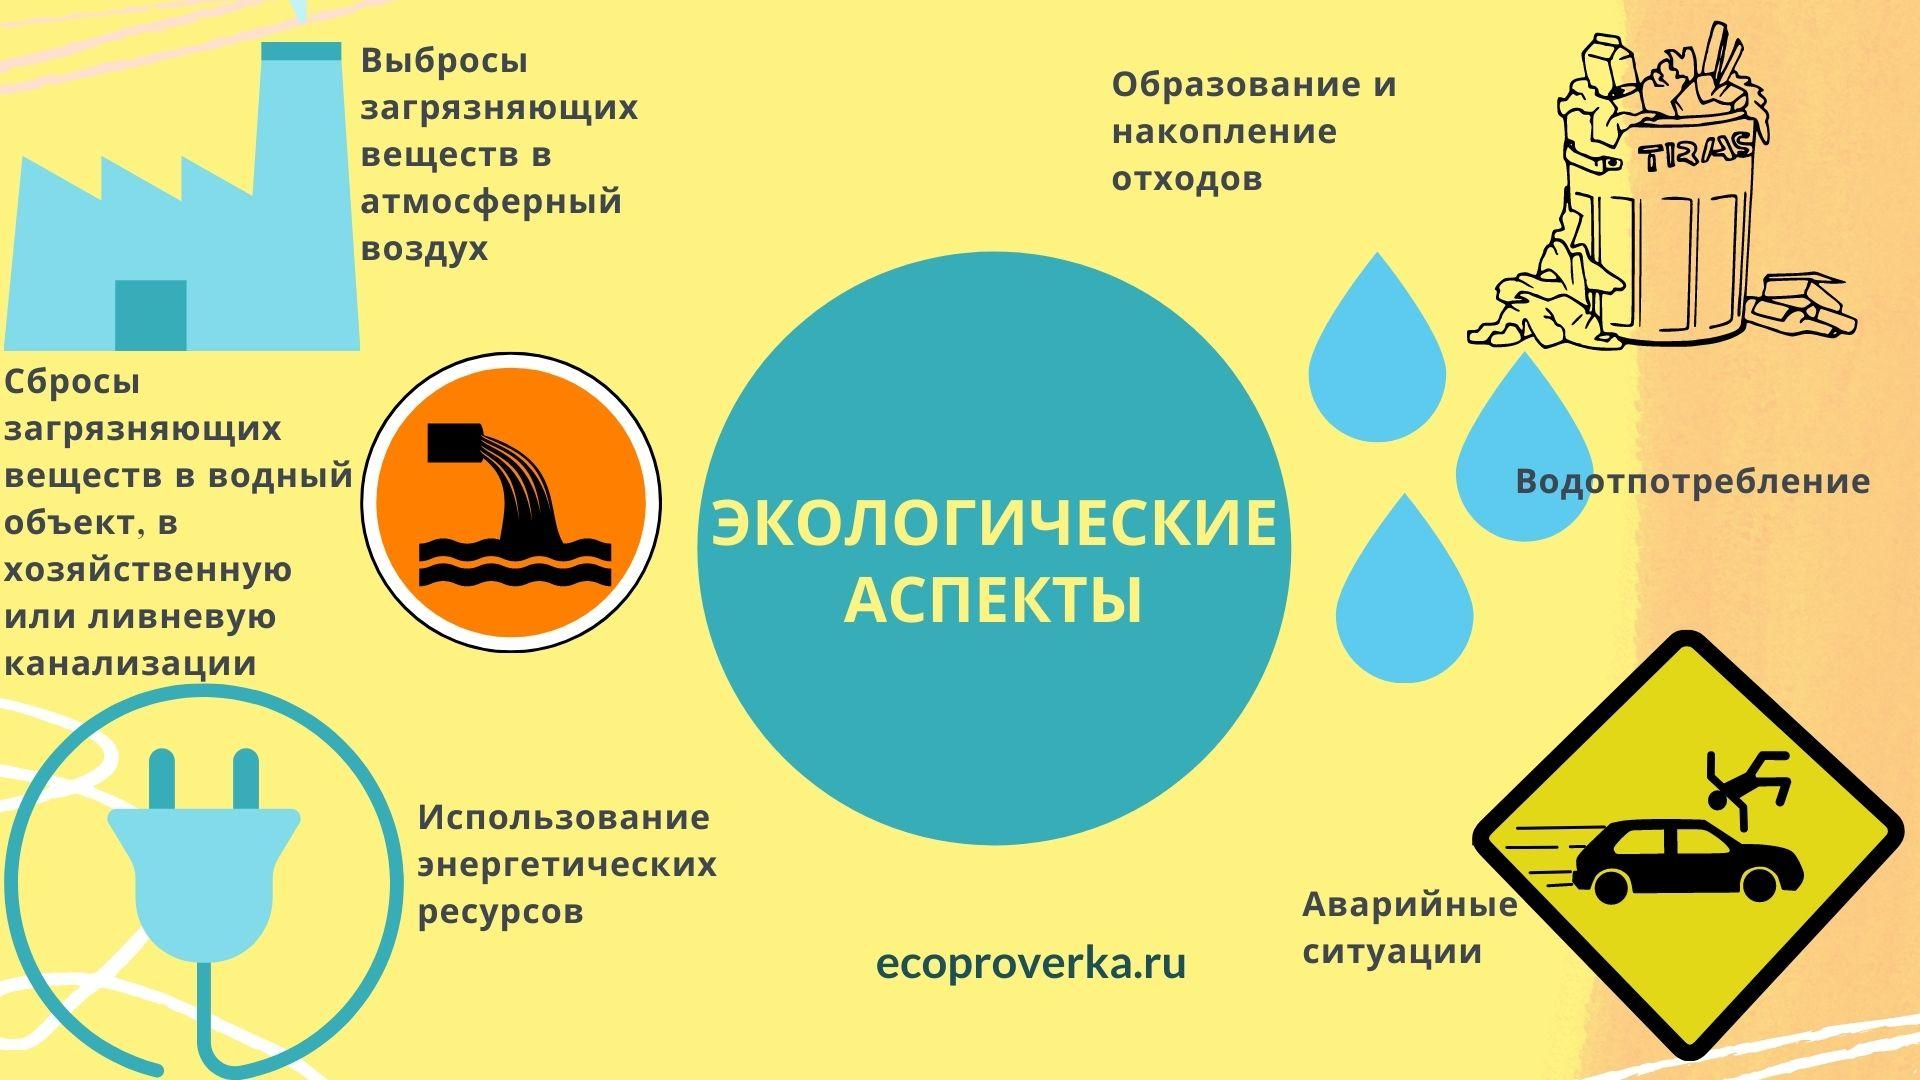 Экологические аспекты